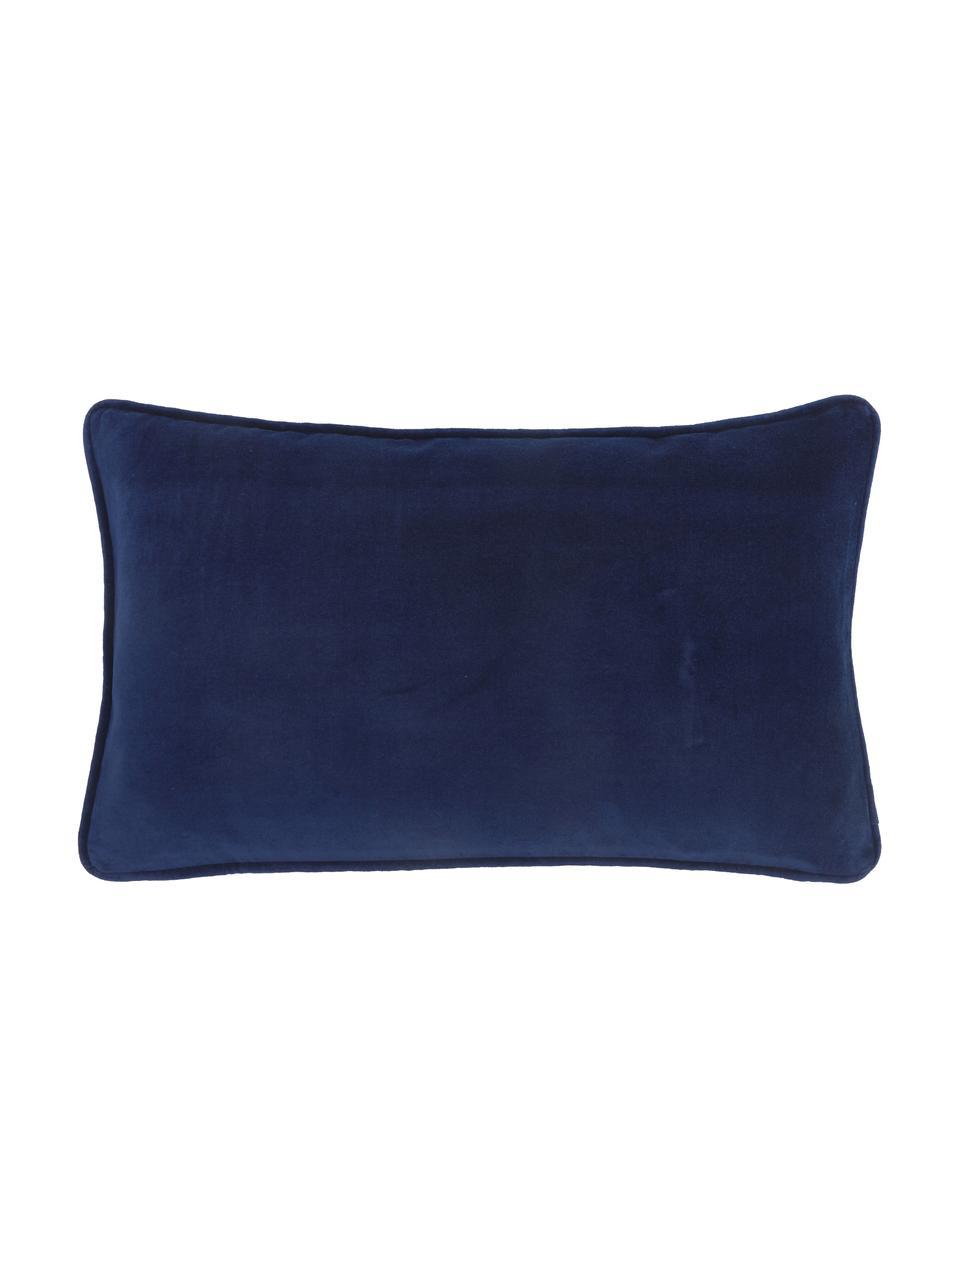 Effen fluwelen kussenhoes Dana in marineblauw, 100% katoenfluweel, Marineblauw, 30 x 50 cm